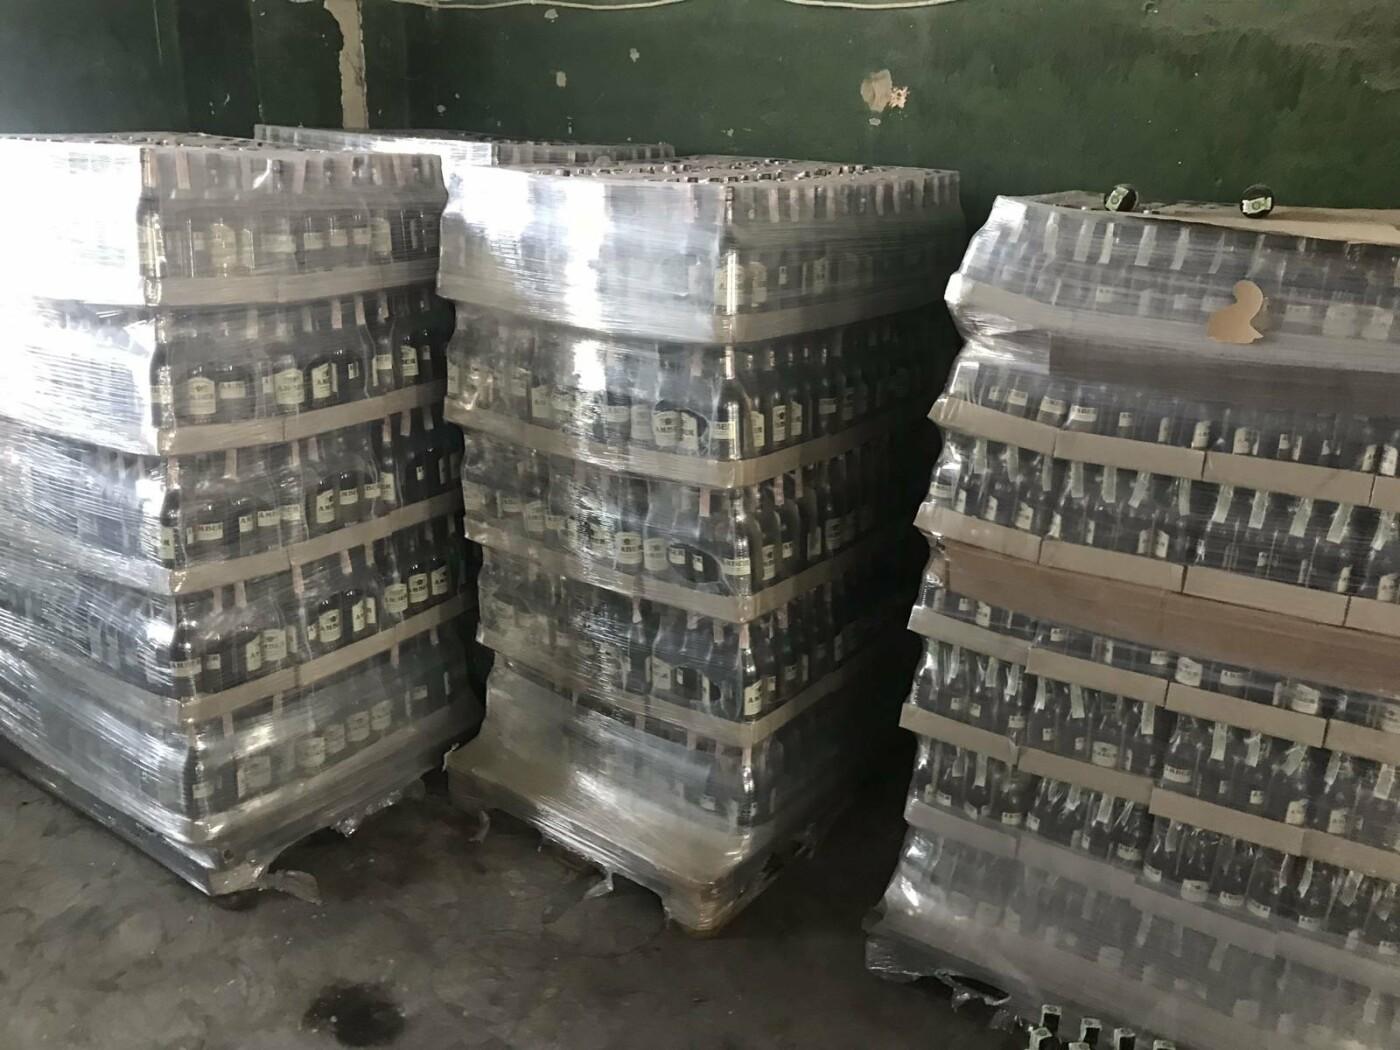 Податківці вилучили в Ужгороді  партію алкоголю вартістю понад 2 млн грн (ФОТО), фото-5